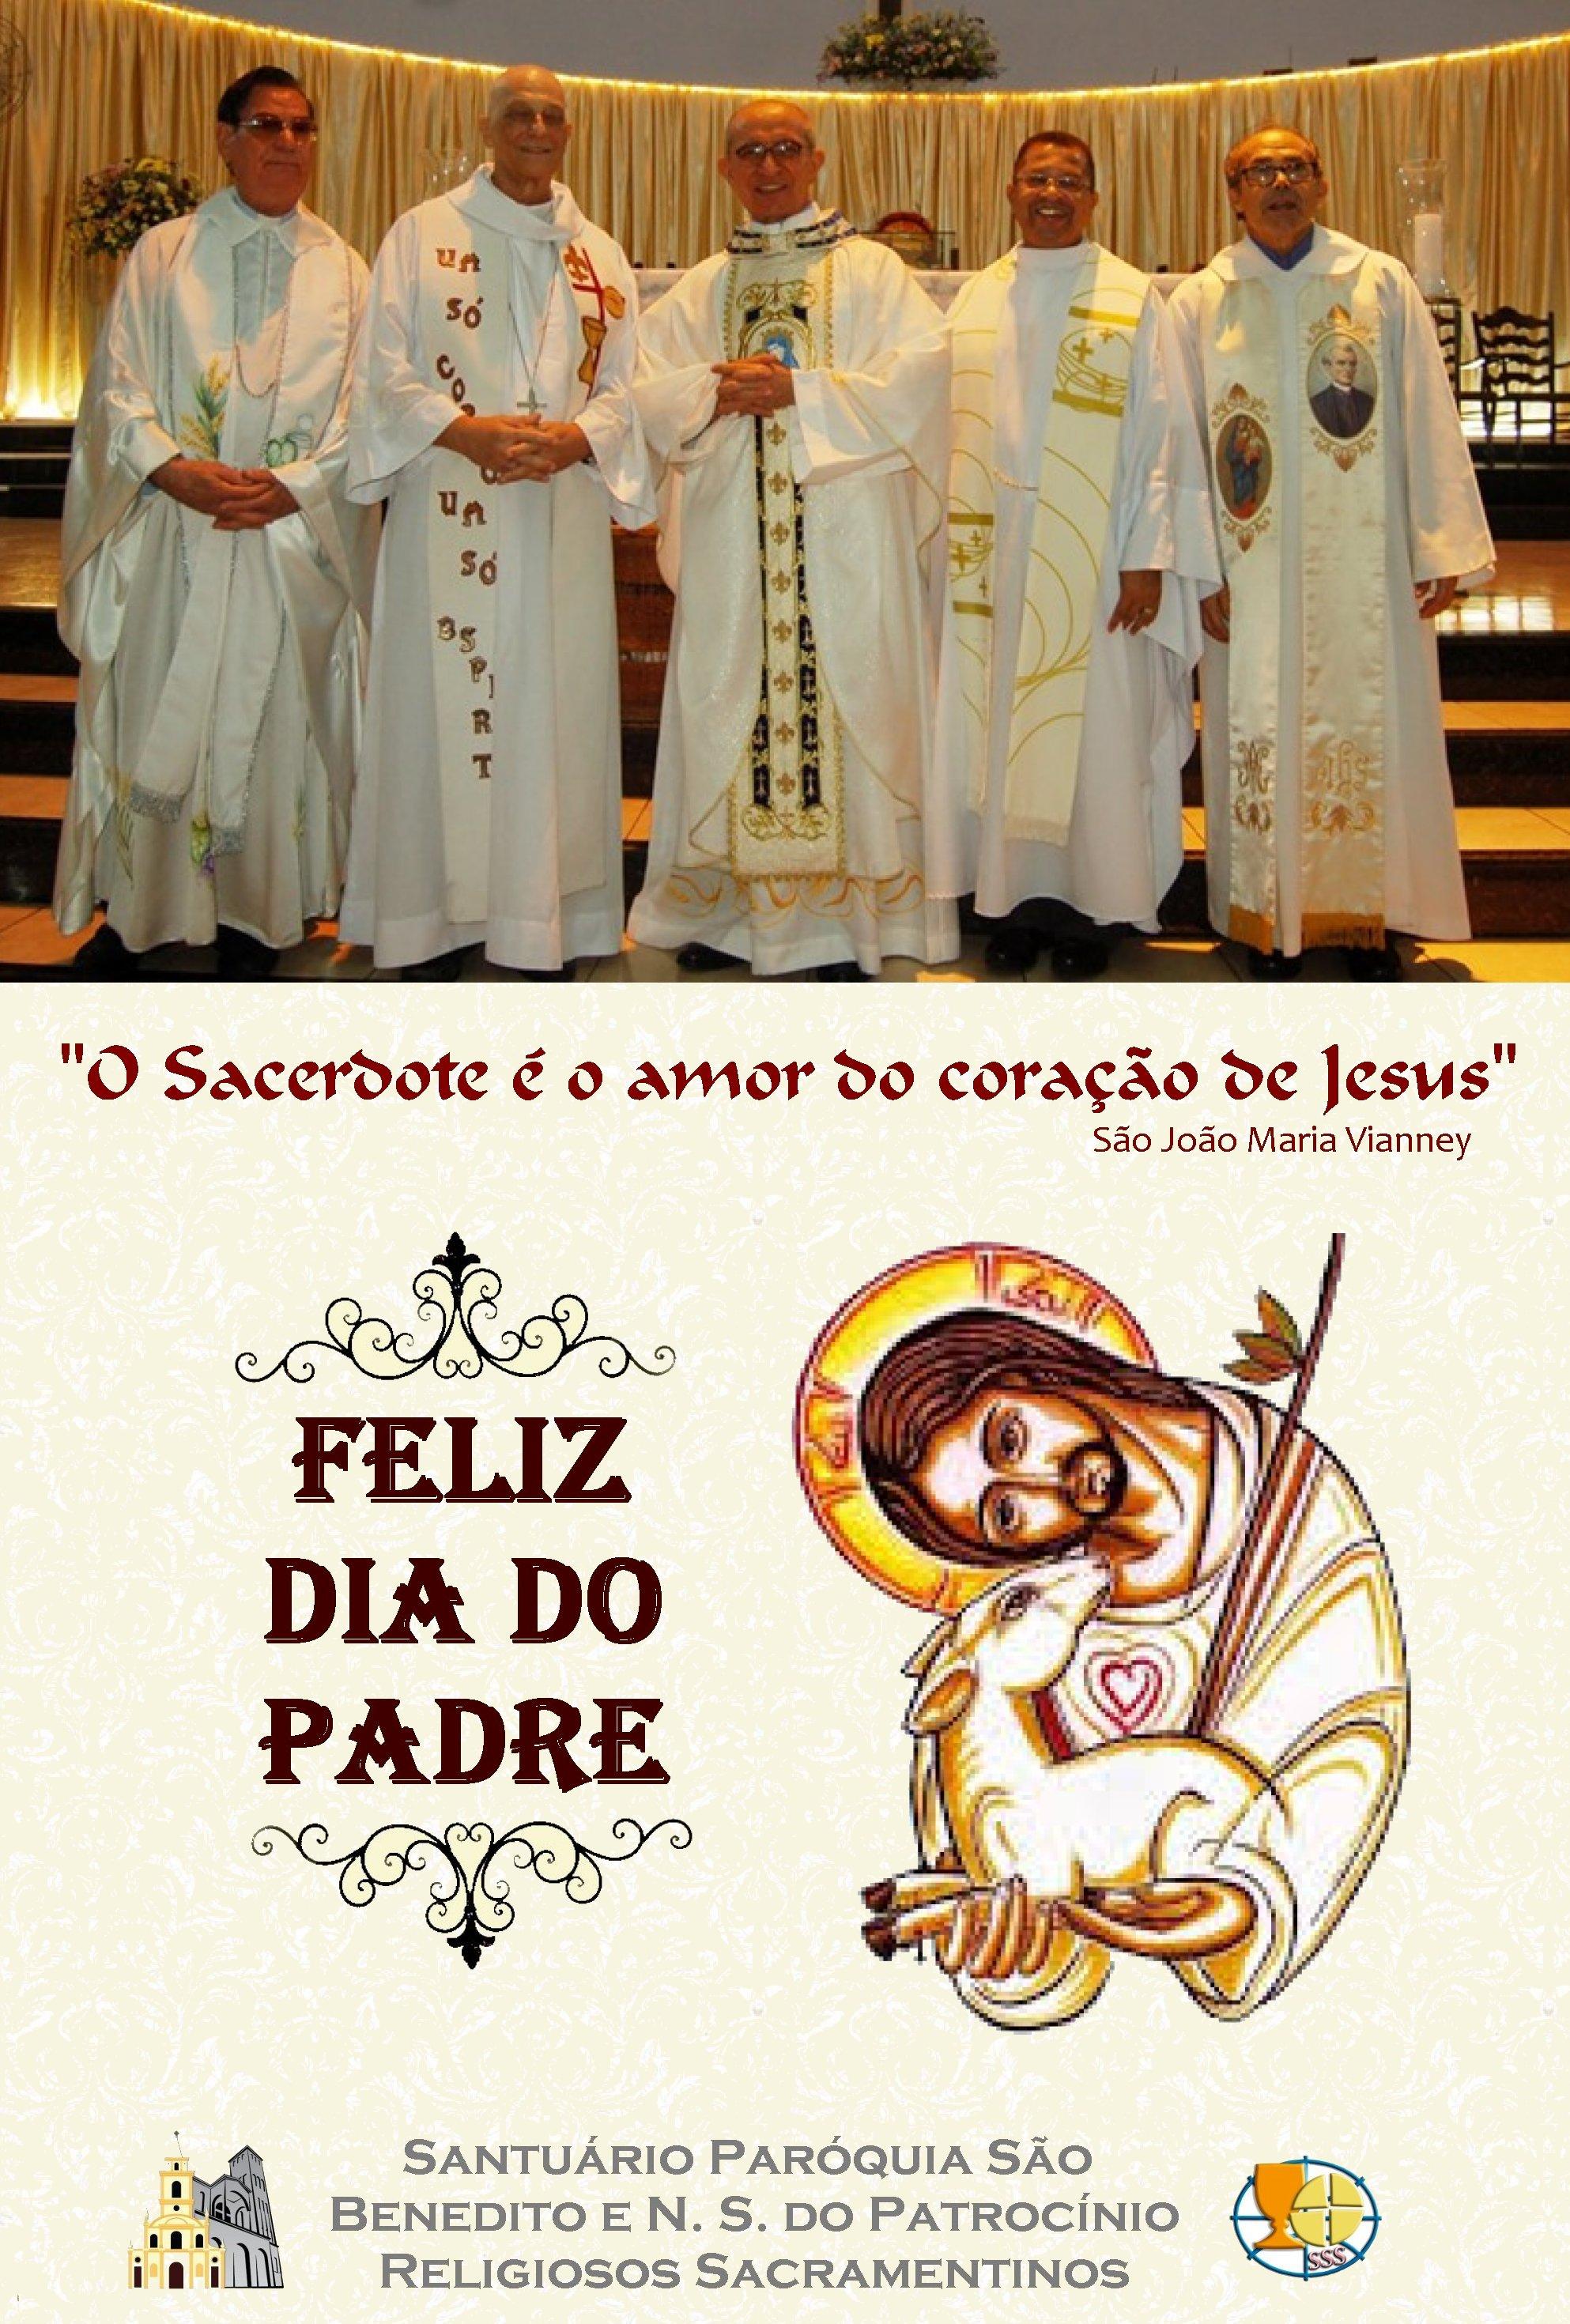 Feliz dia do Padre: Padre Anízio Ferreira, Padre Magalhães, Dom Aldo Pagotto, Padre João Batista e todos os padres Sacramentinos